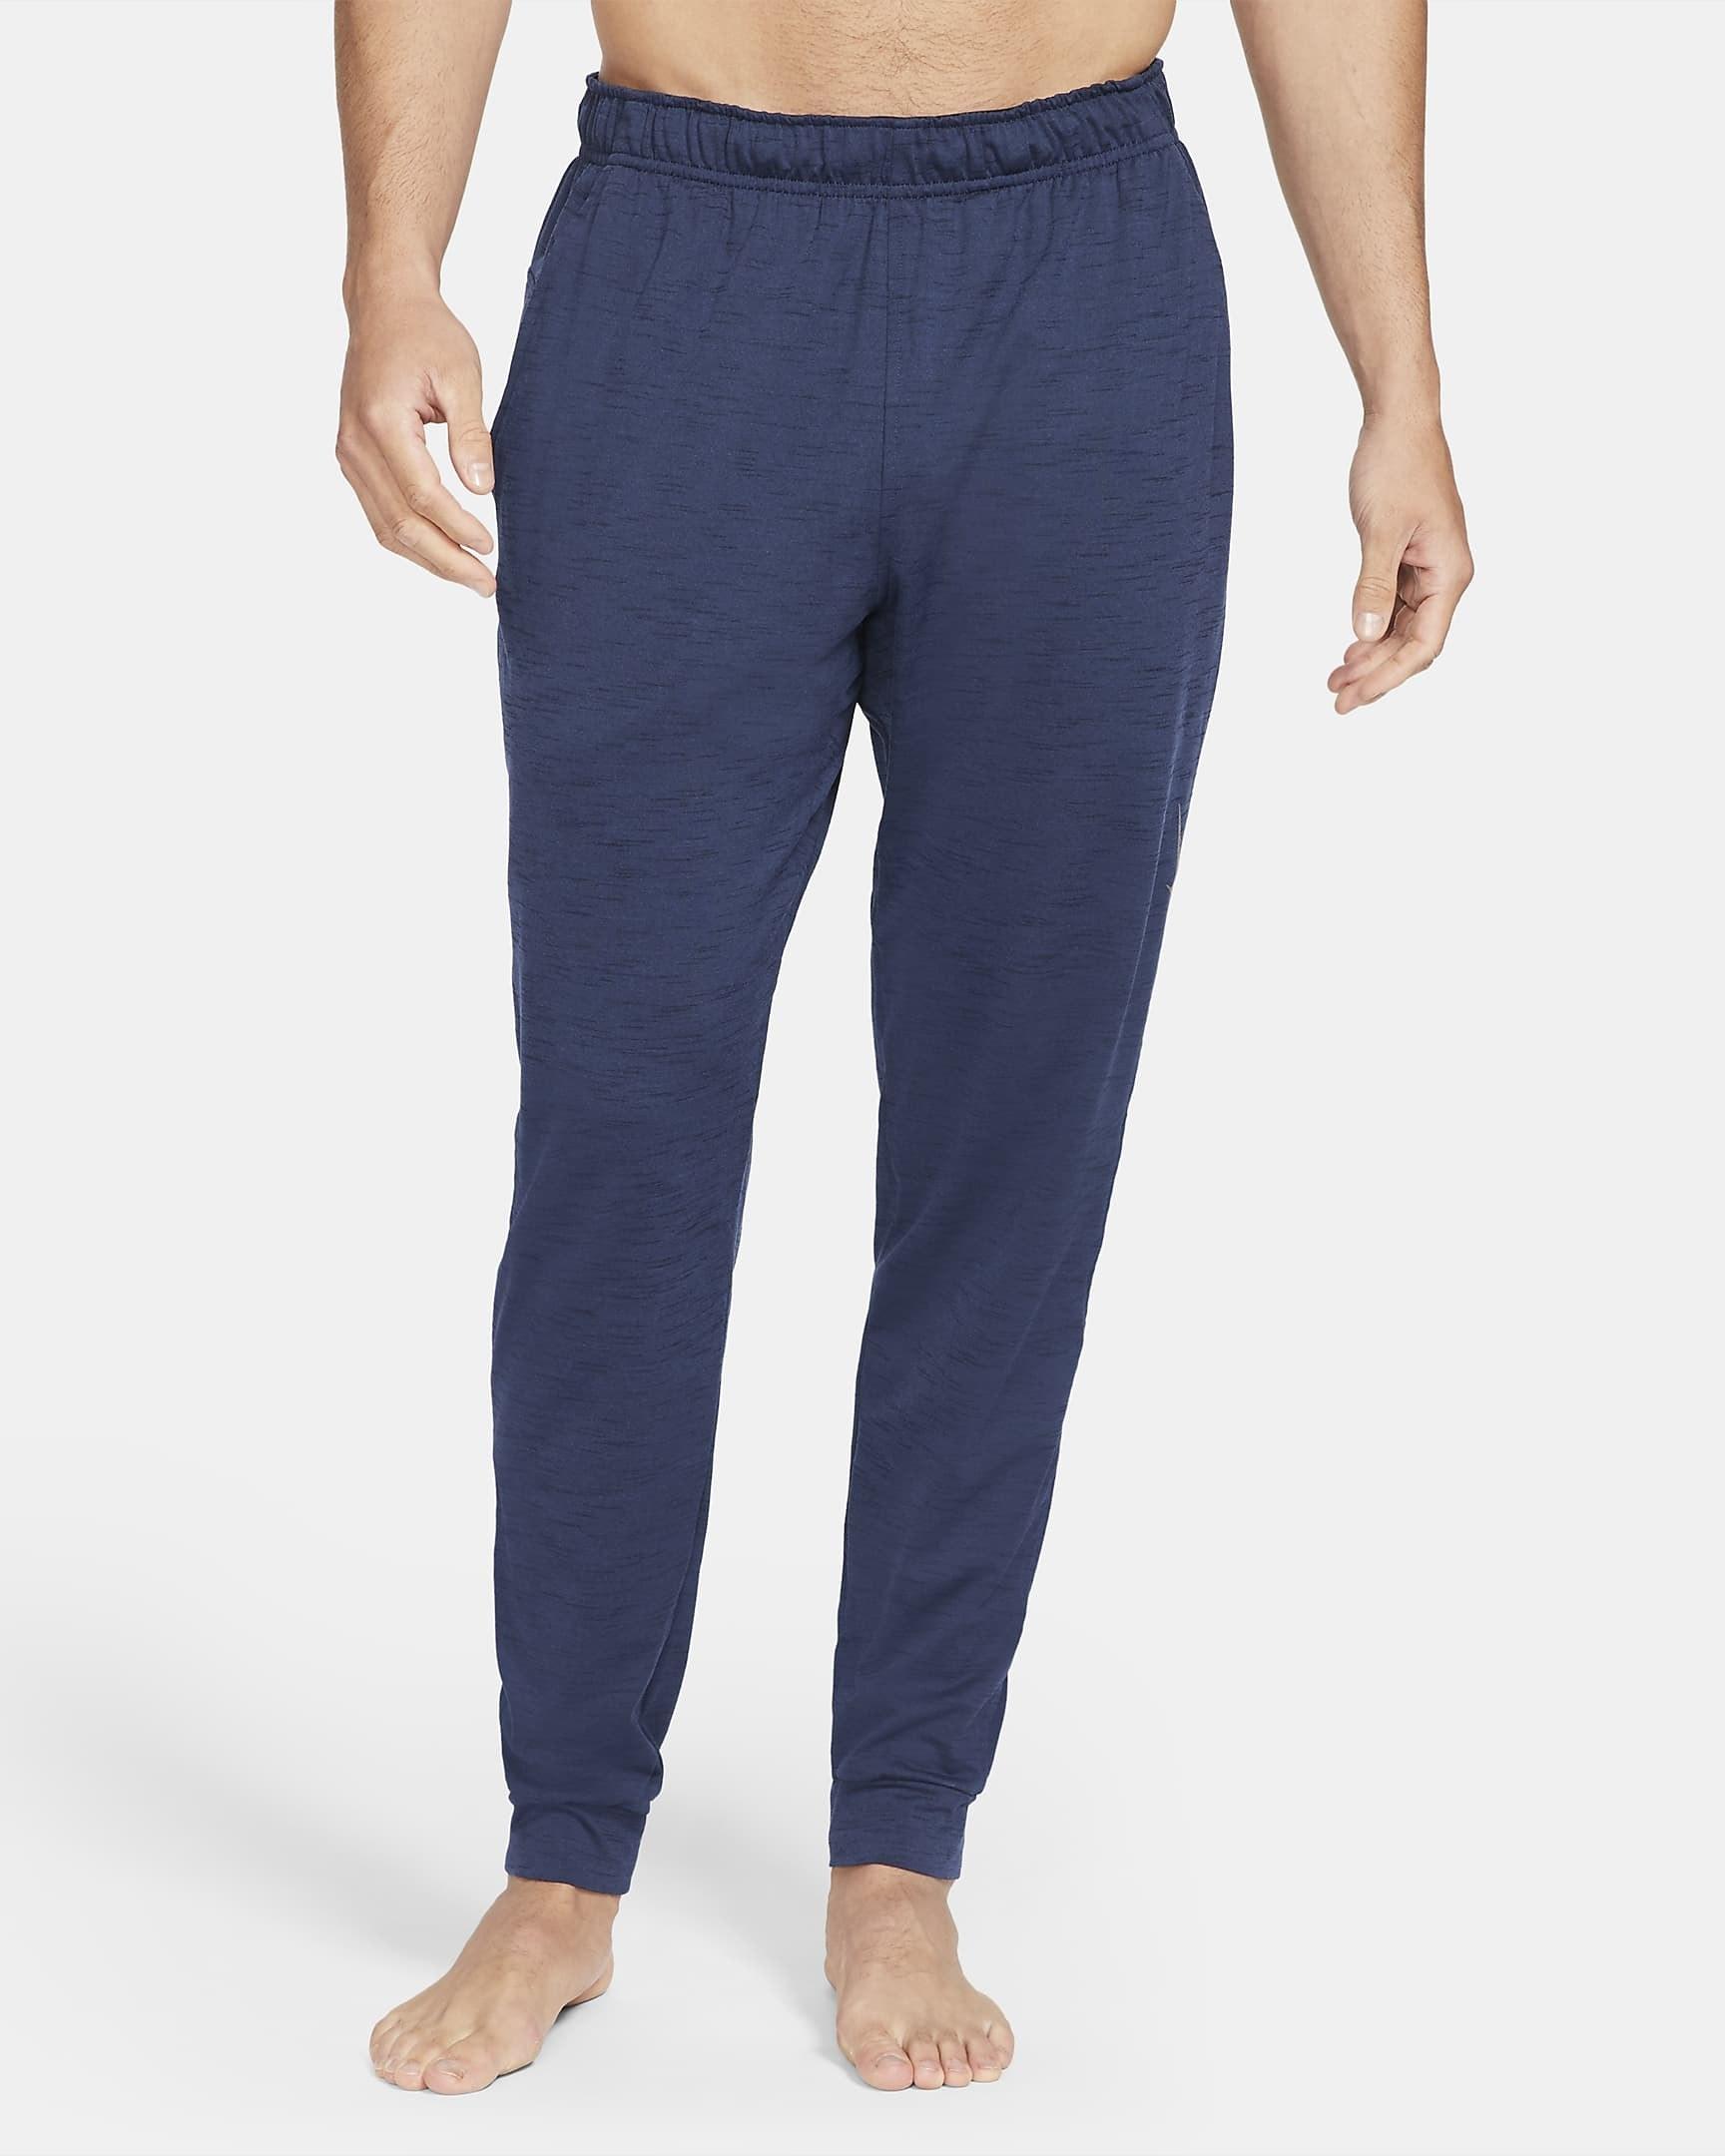 Model wearing navy blue joggers